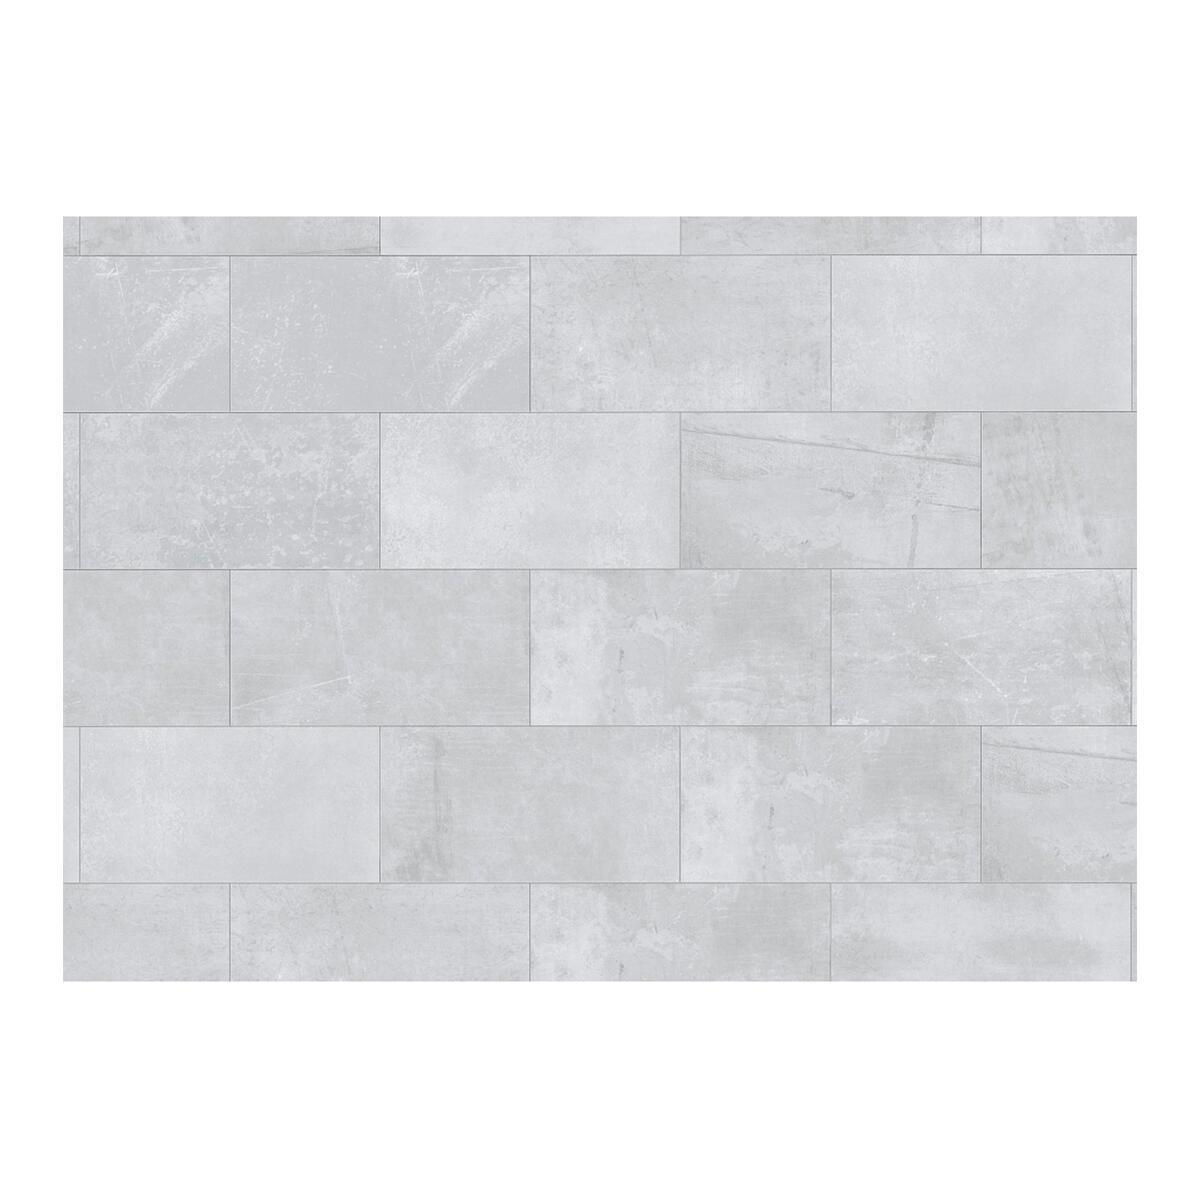 Pavimento SPC flottante clic+ Sp 4 mm grigio / argento - 2